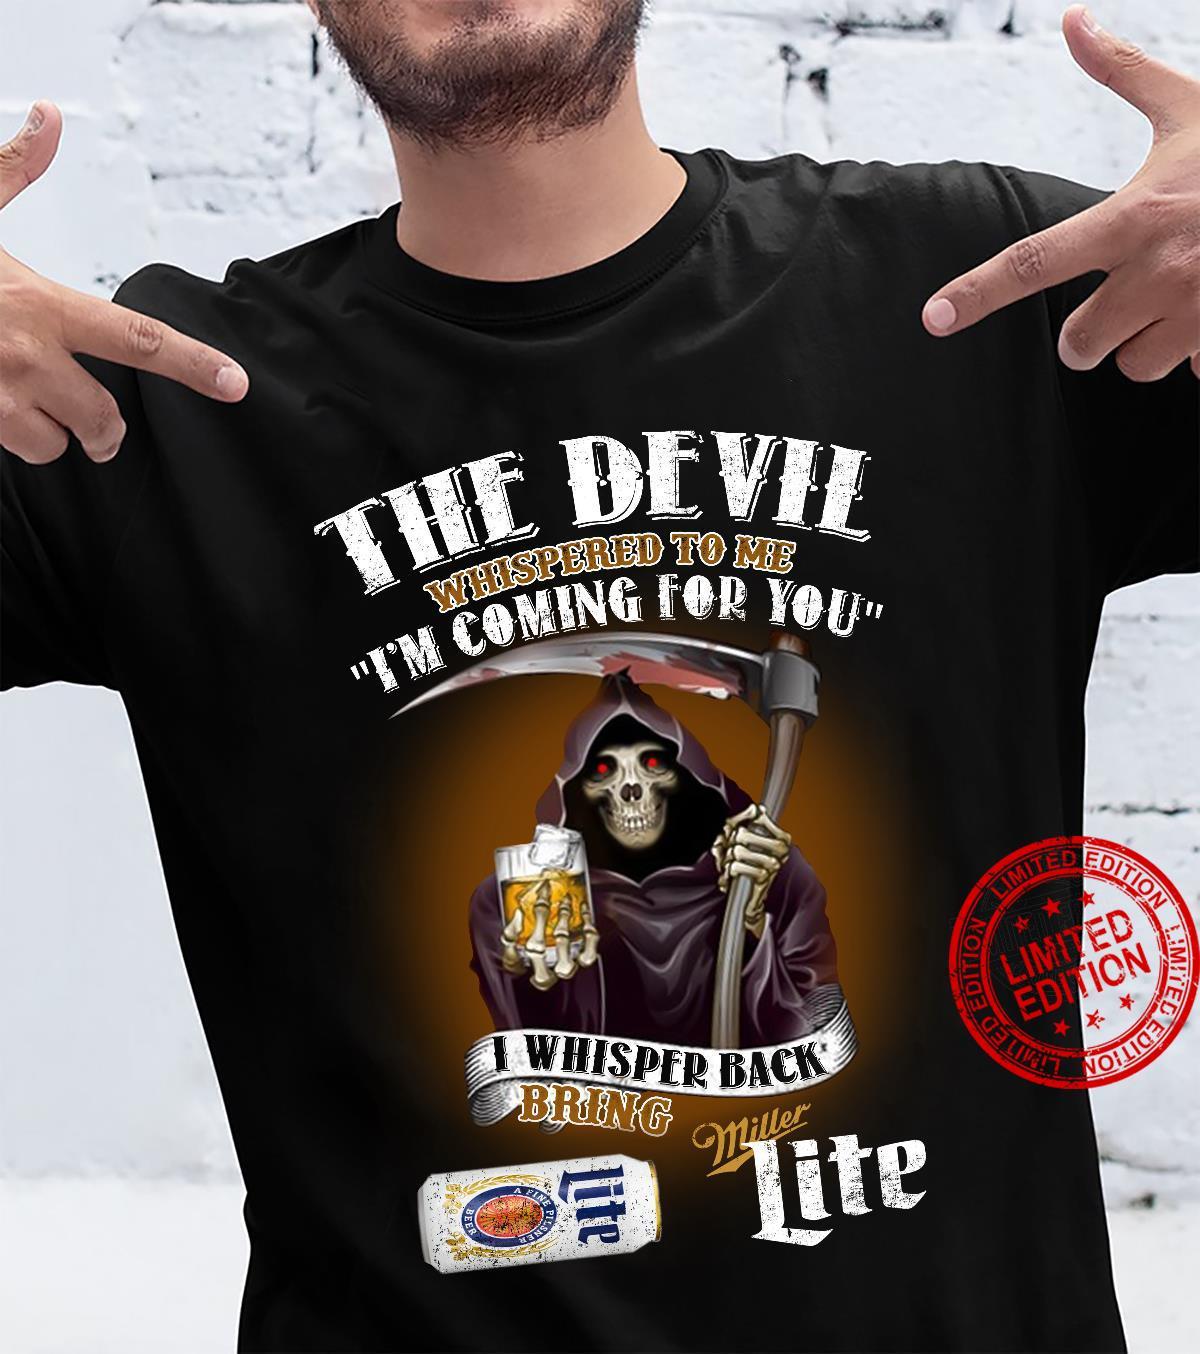 The devil whispered to me i'm coming for you i whisper back bring miller lite shirt